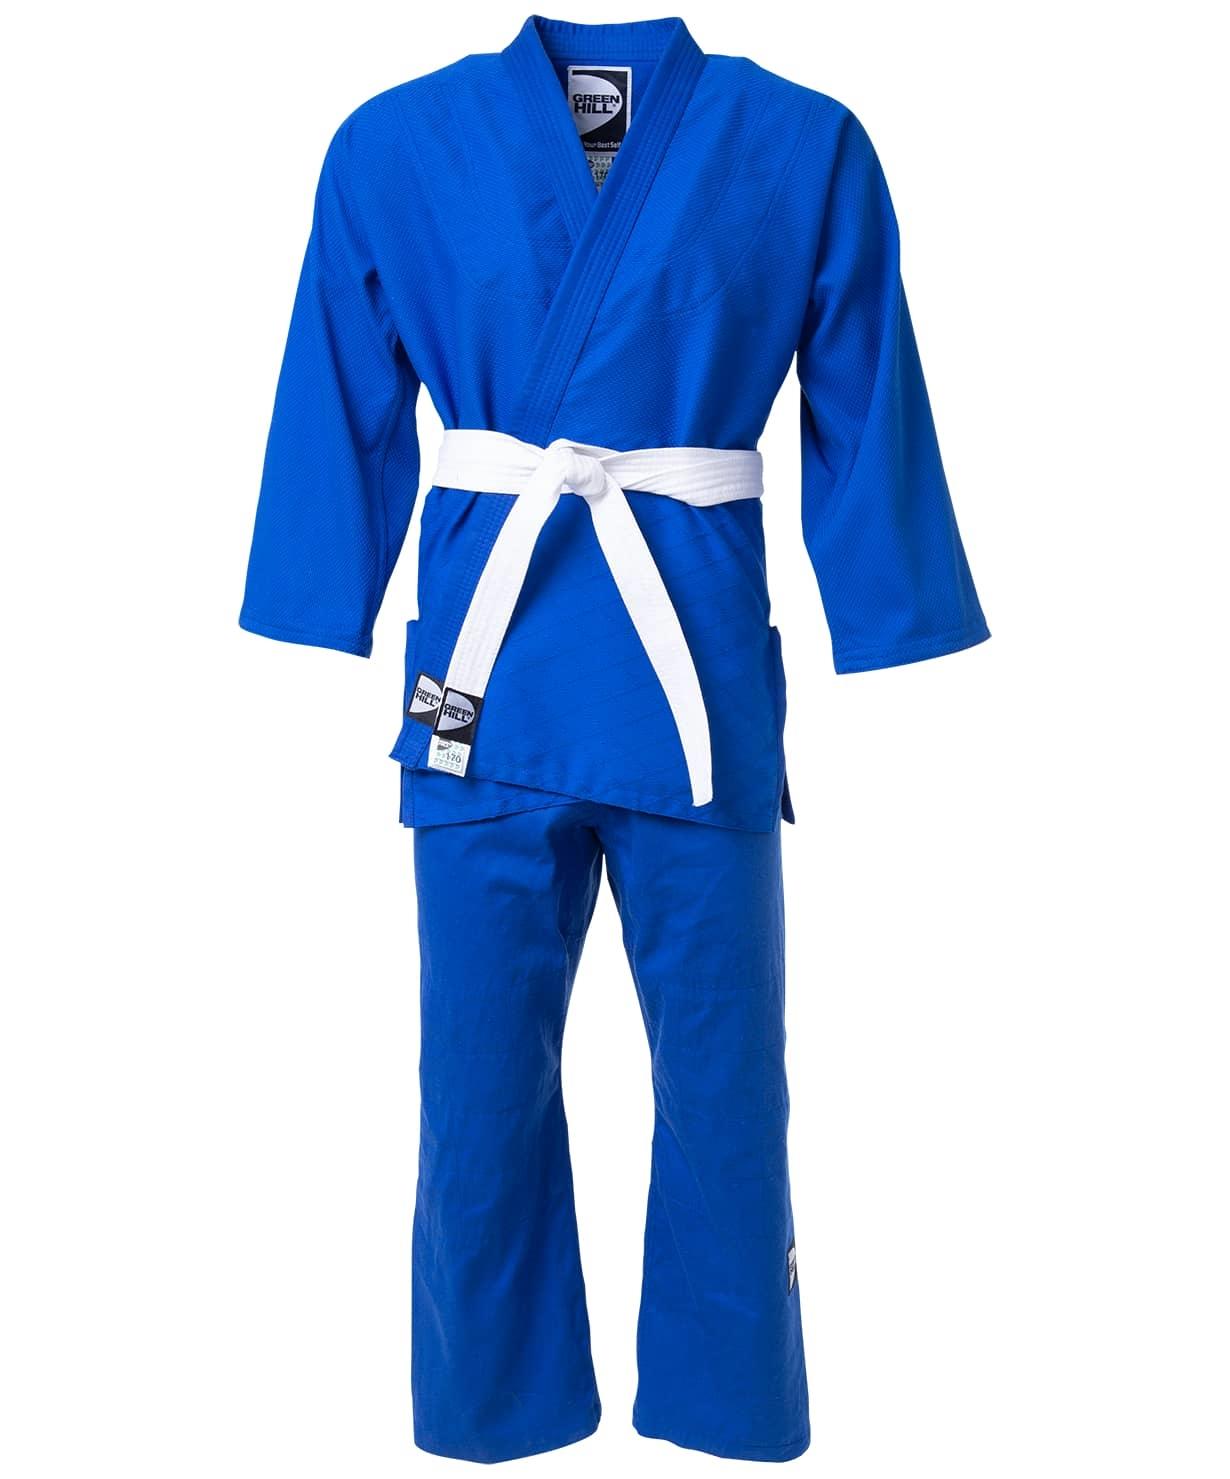 Кимоно для дзюдо JSST-10572, синий, р.2/150